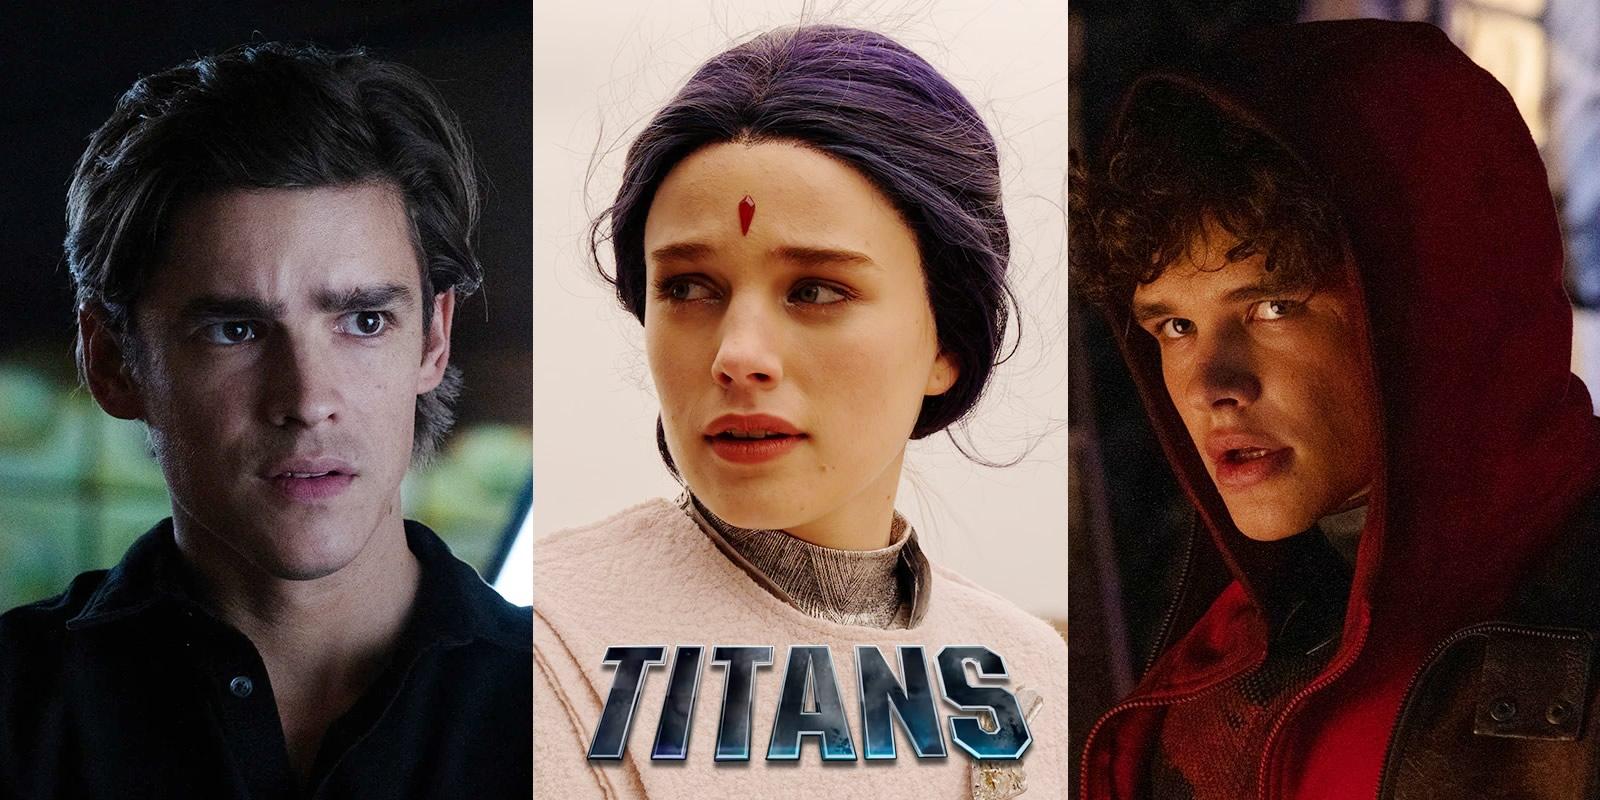 Titans Terceira Temporada | HBO MAX divulgou nas redes sociais imagens dos personagens